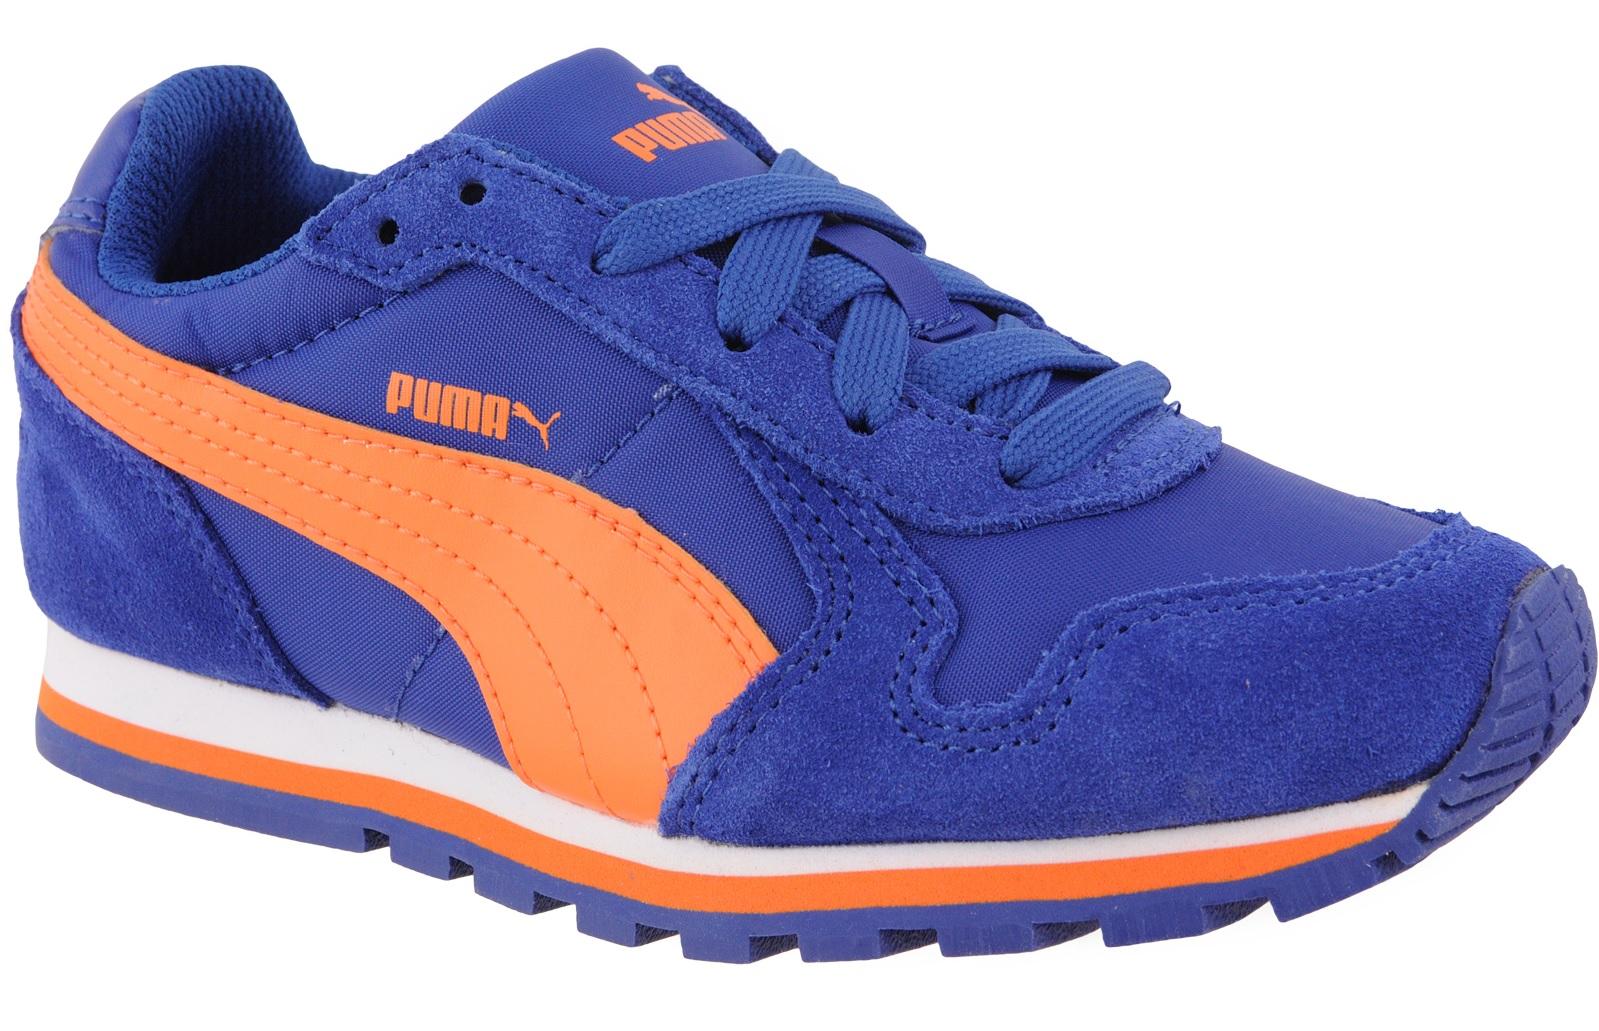 e07c5ad42 Puma Chlapčenské bežecké tenisky ST Runner NL - oranžovo-modré, EUR ...